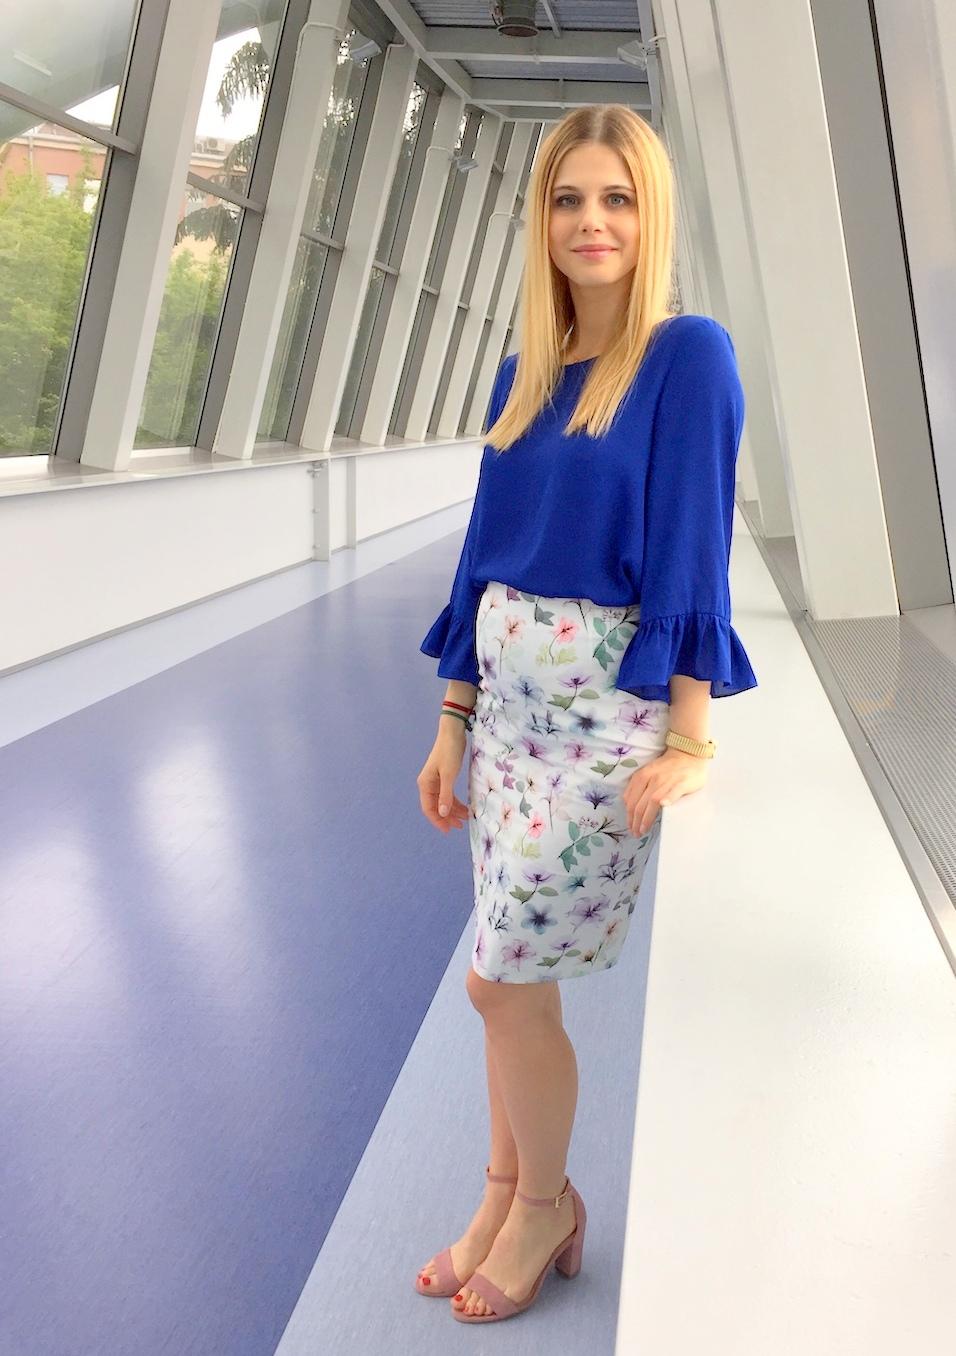 Izabela Zwierzyńska: Będę mamą - zabiegi kosmetyczne dla ciężarnych - BlogStar.pl